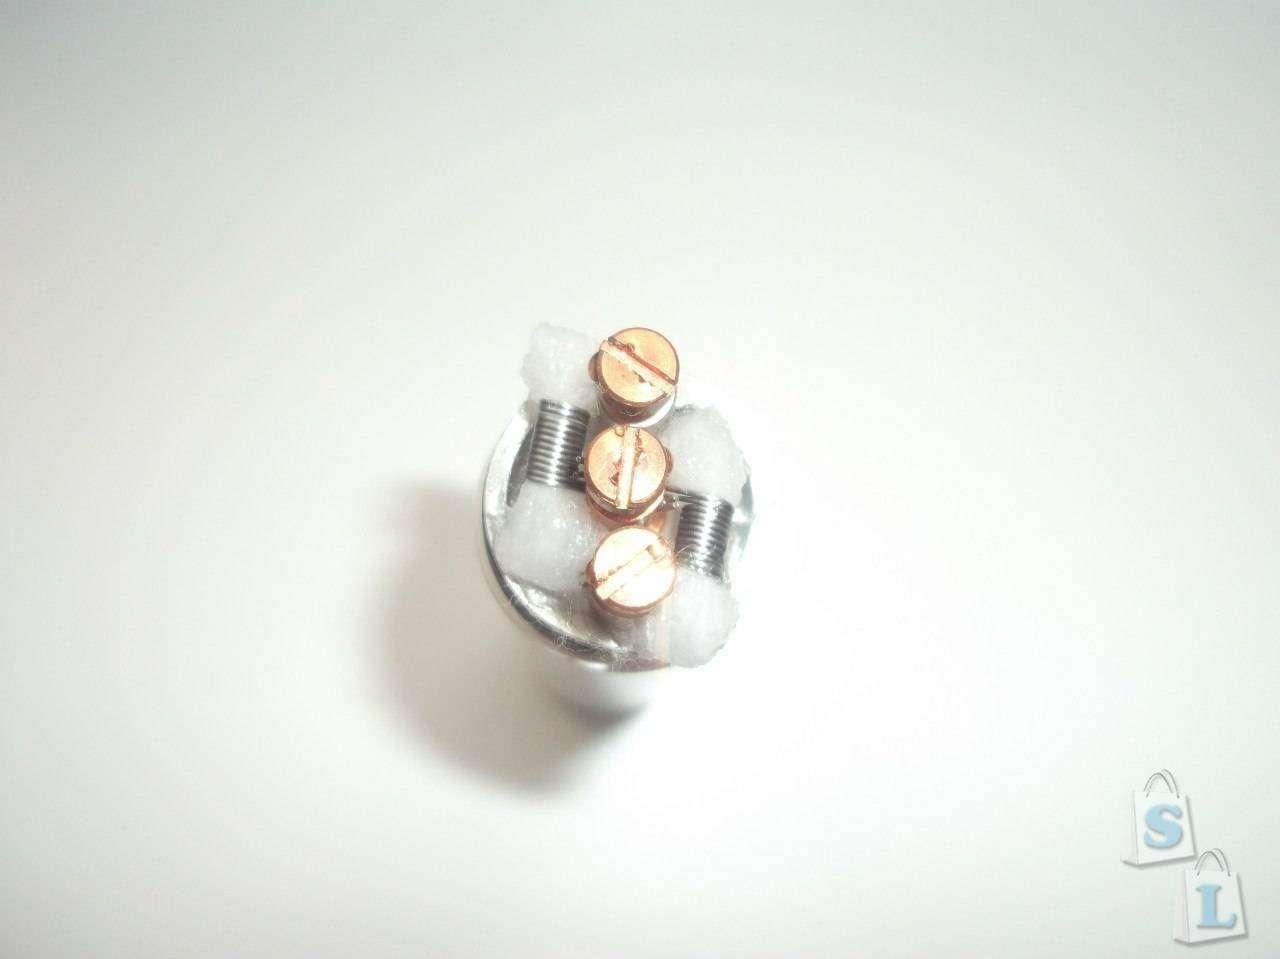 Другие - Китай: Механический мод SMPL + дрипка Doge V2 (мощная электронная сигарета из магазина angelcigs.com)